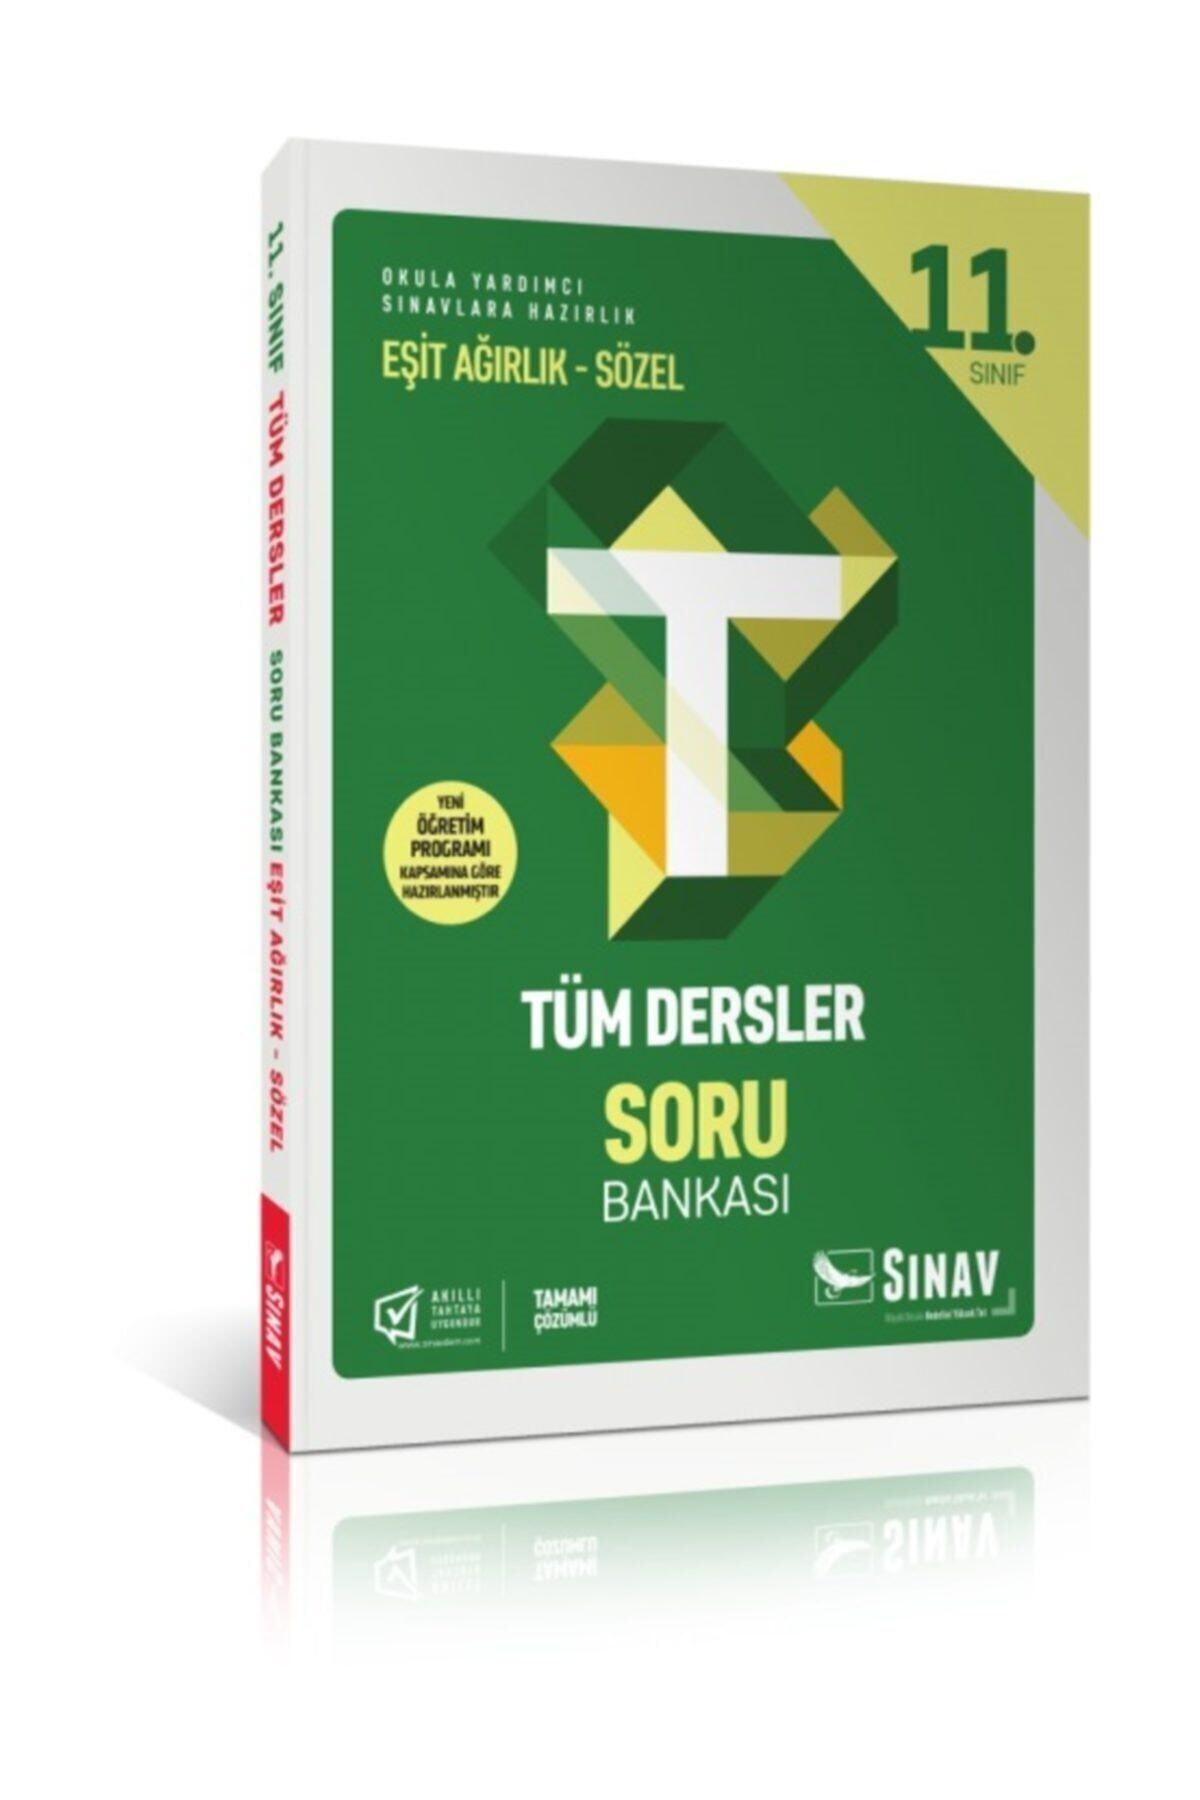 Sınav Yayınları 11. Sınıf Tüm Dersler Eşit Ağırlık Sözel Soru Bankası 1